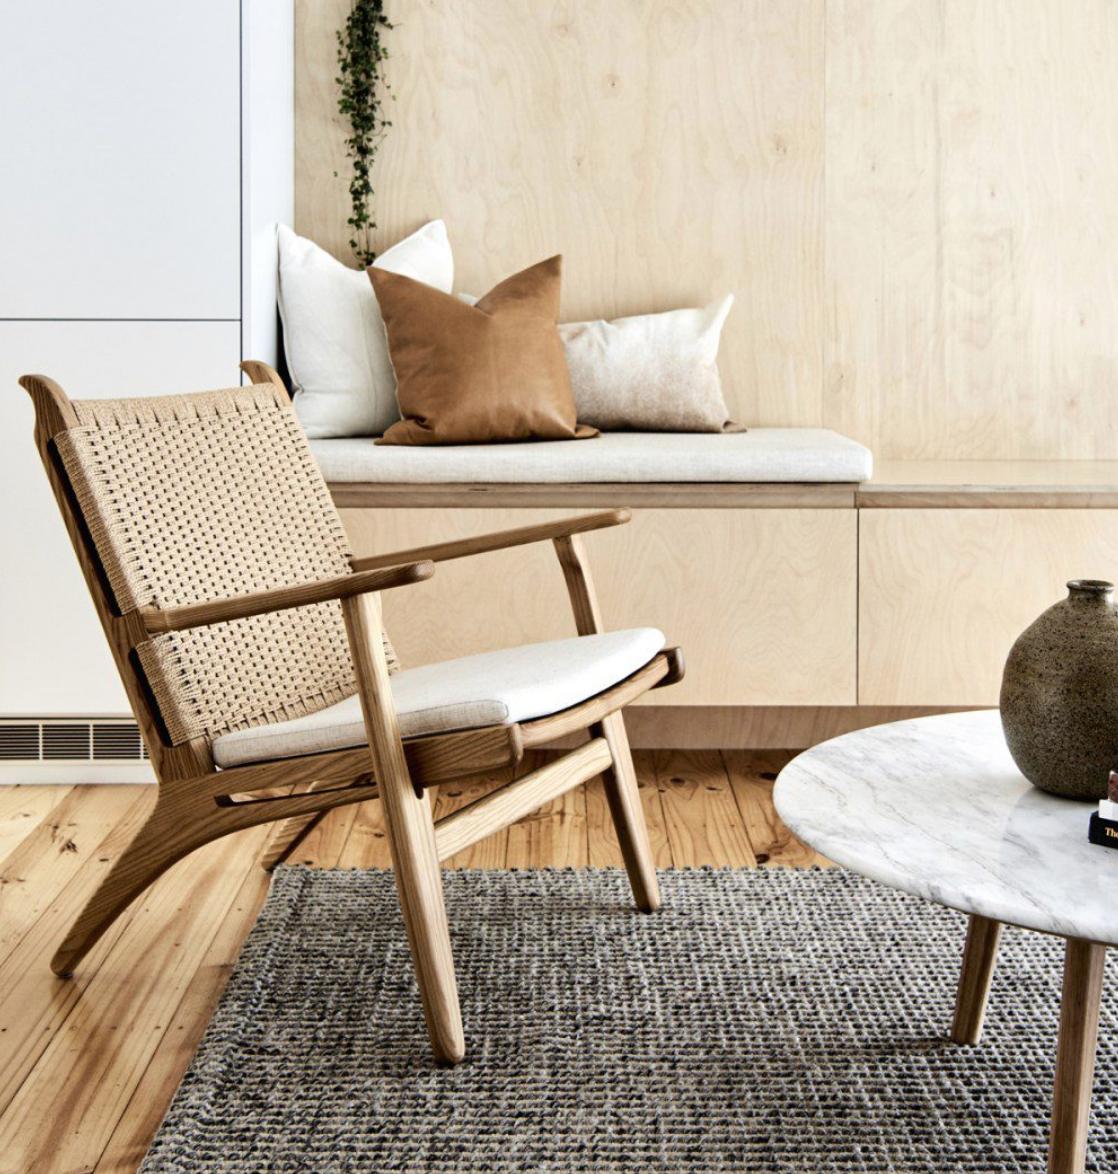 Bocker Designs, Aussie interior design